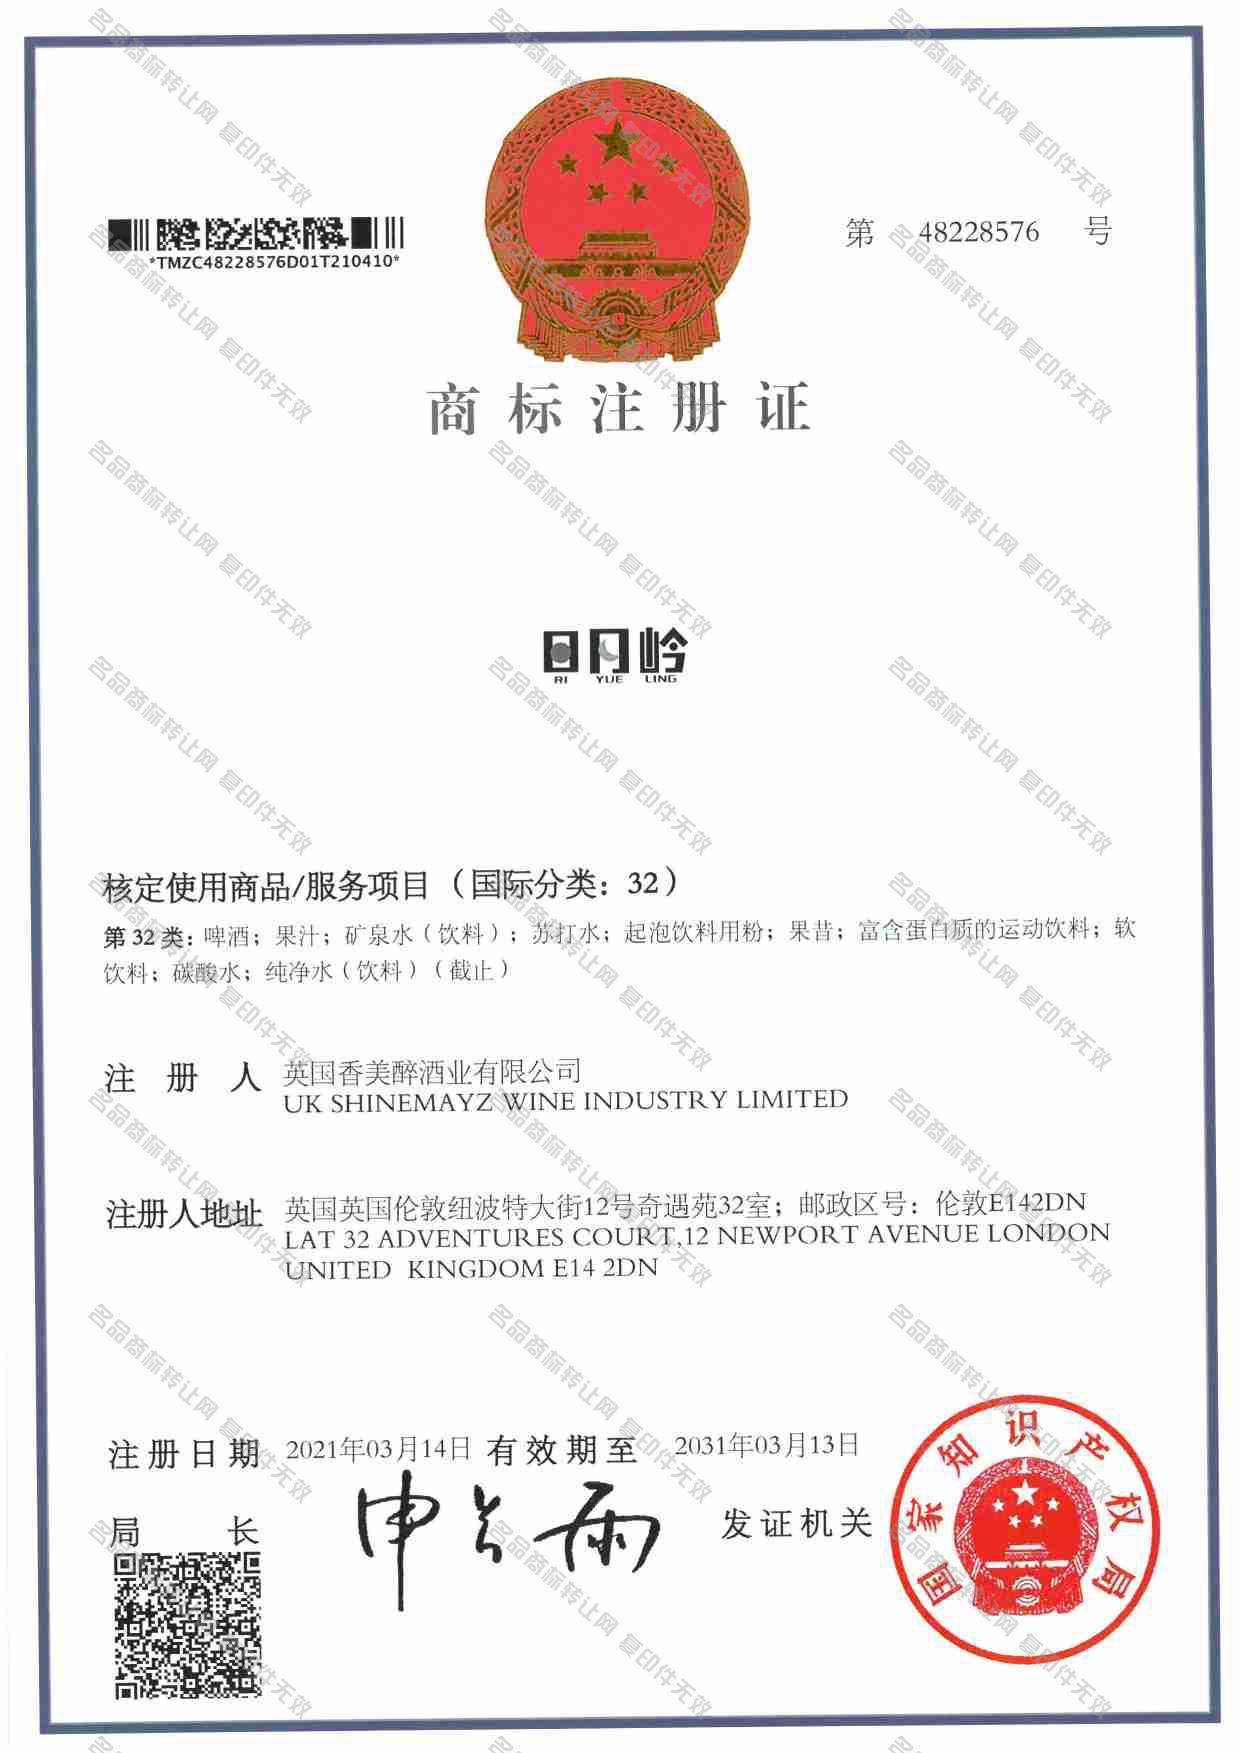 岭 RI YUE LING注册证